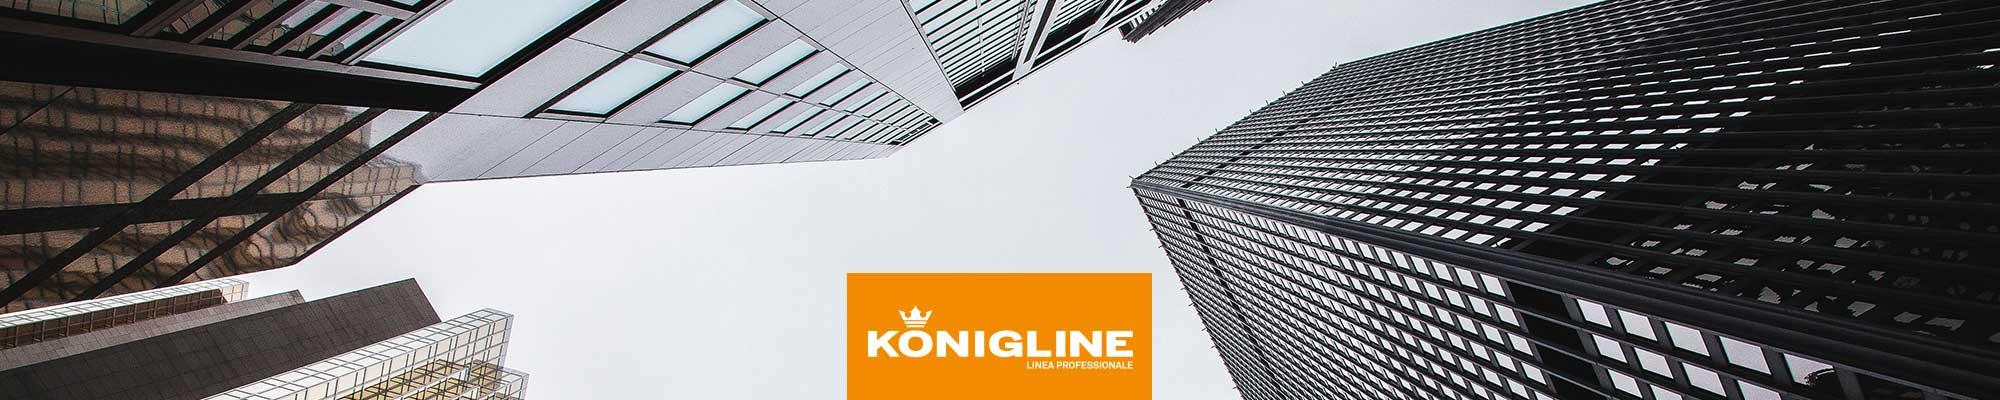 konigline negozio online